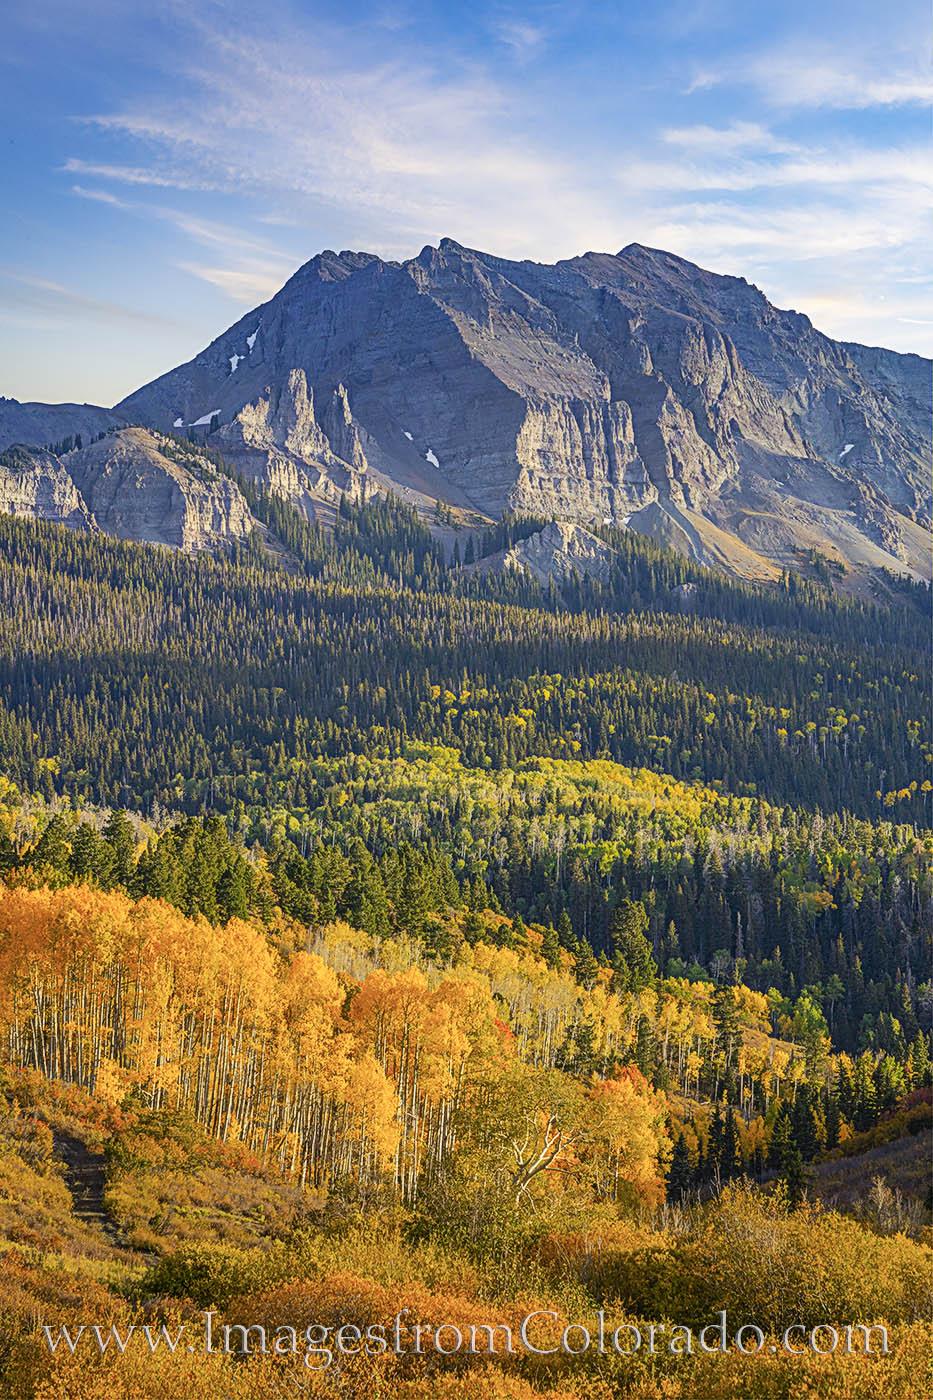 dallas divide, san juans, ridgway, montrose, fall colors, autumn, gold, aspen, photo